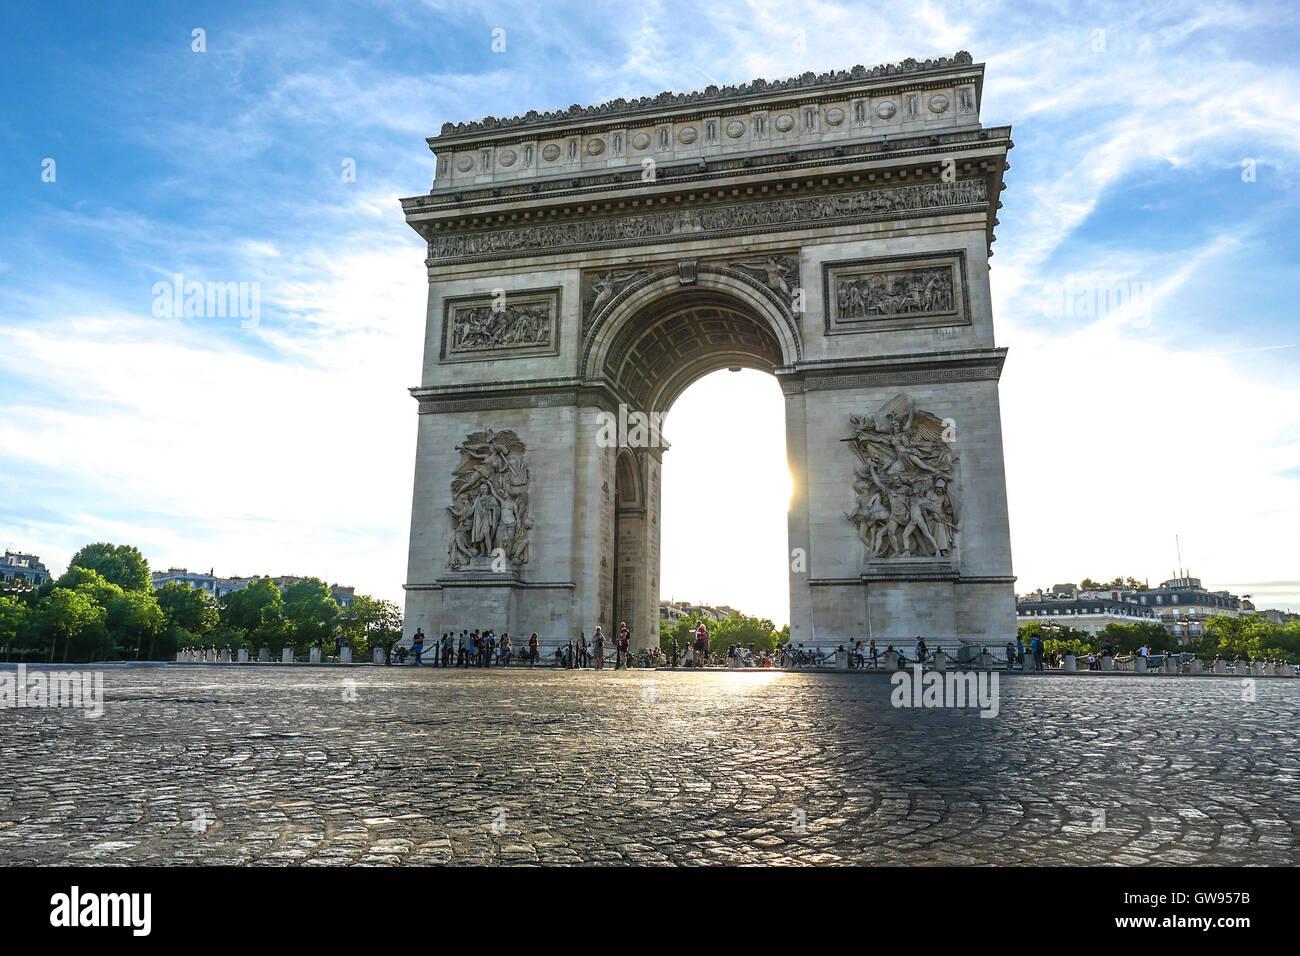 Beautiful sunset over Arc de Triomphe at Place de l'Etoile, Paris, France Stock Photo